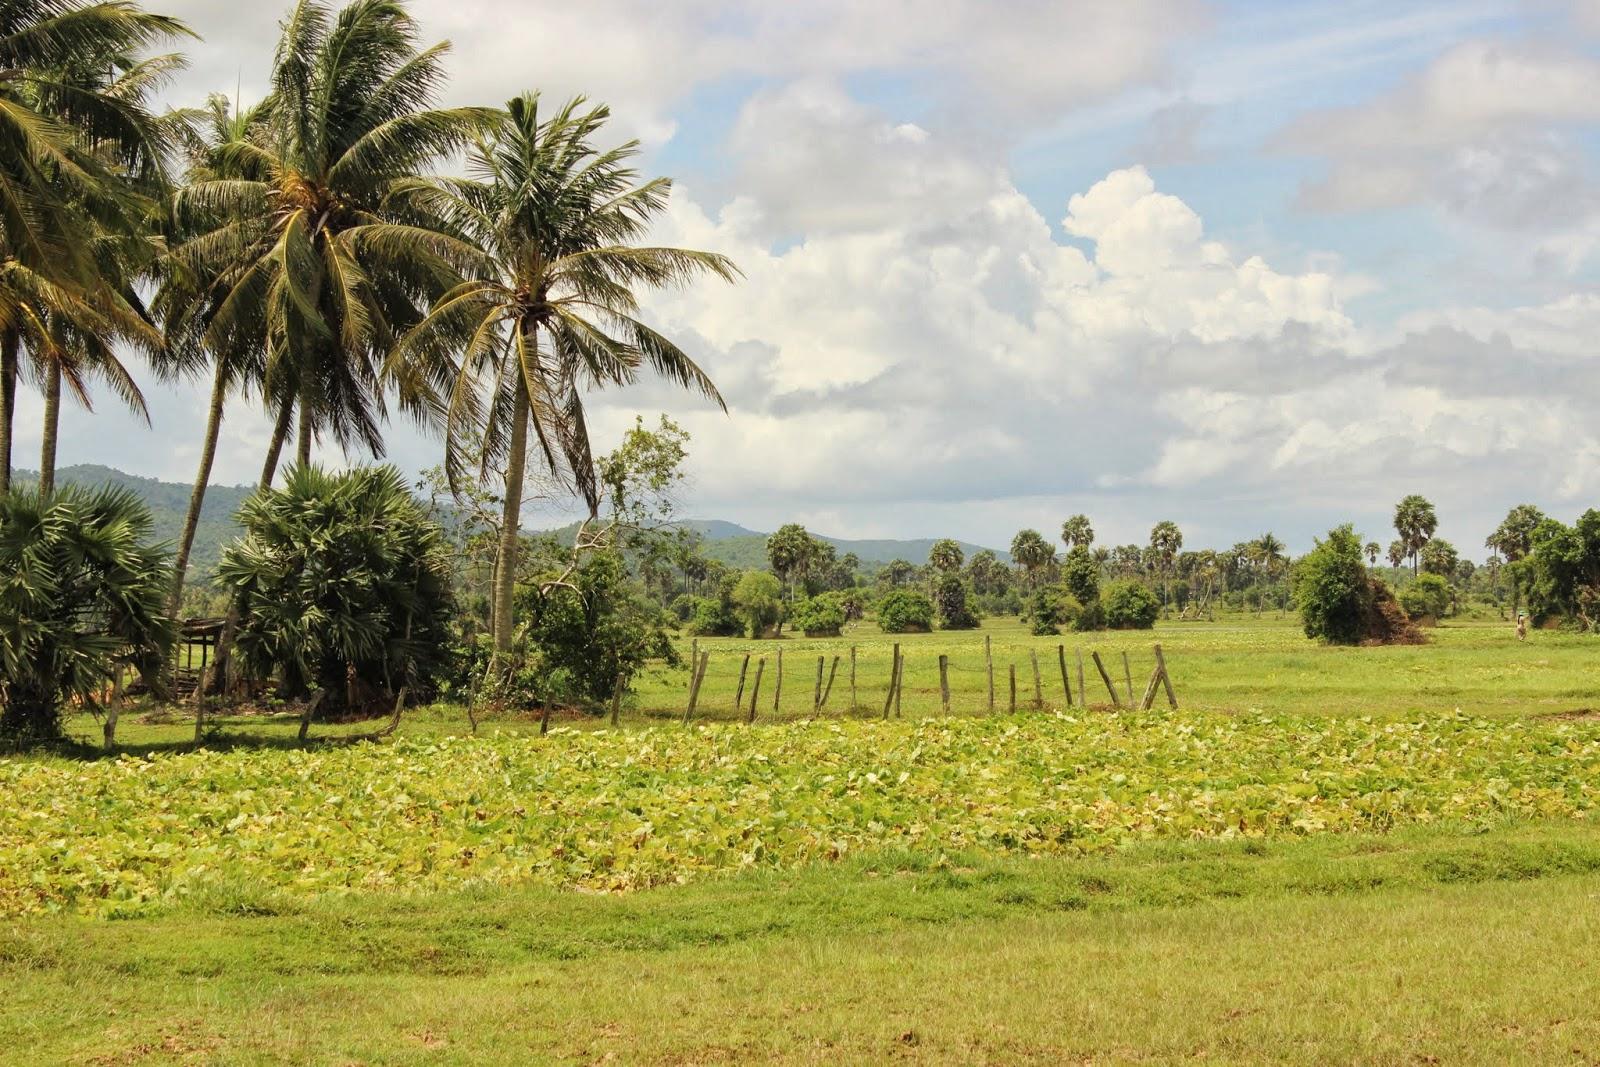 Dándole la vuelta al mundo: Día 237. Kampot y Kep: de hamacas ...